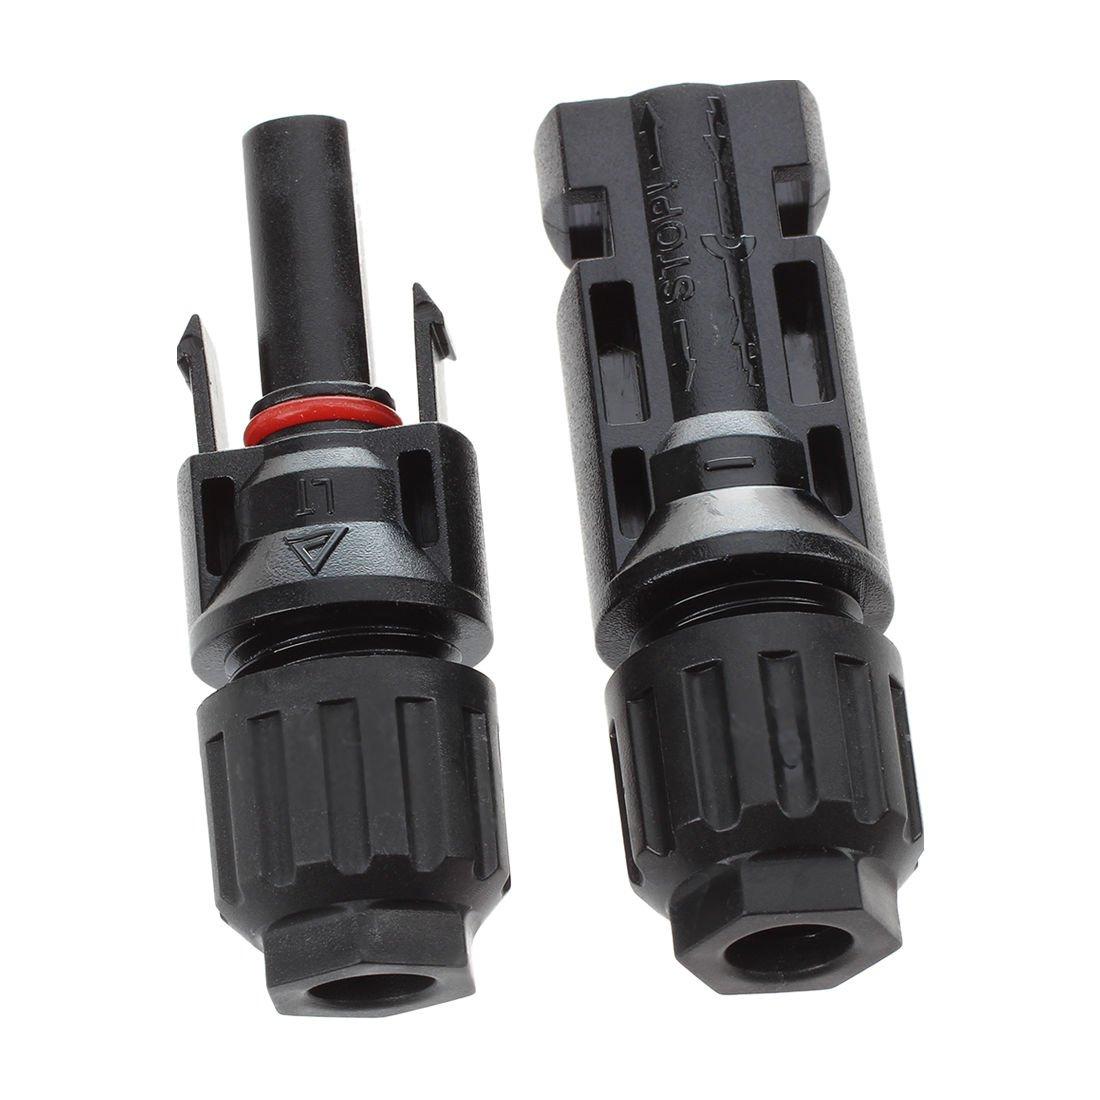 SODIAL(R) 1 paire MC4 male + Female M/F Connecteurs Set pour PV Panneau solaire Cable Accessoires